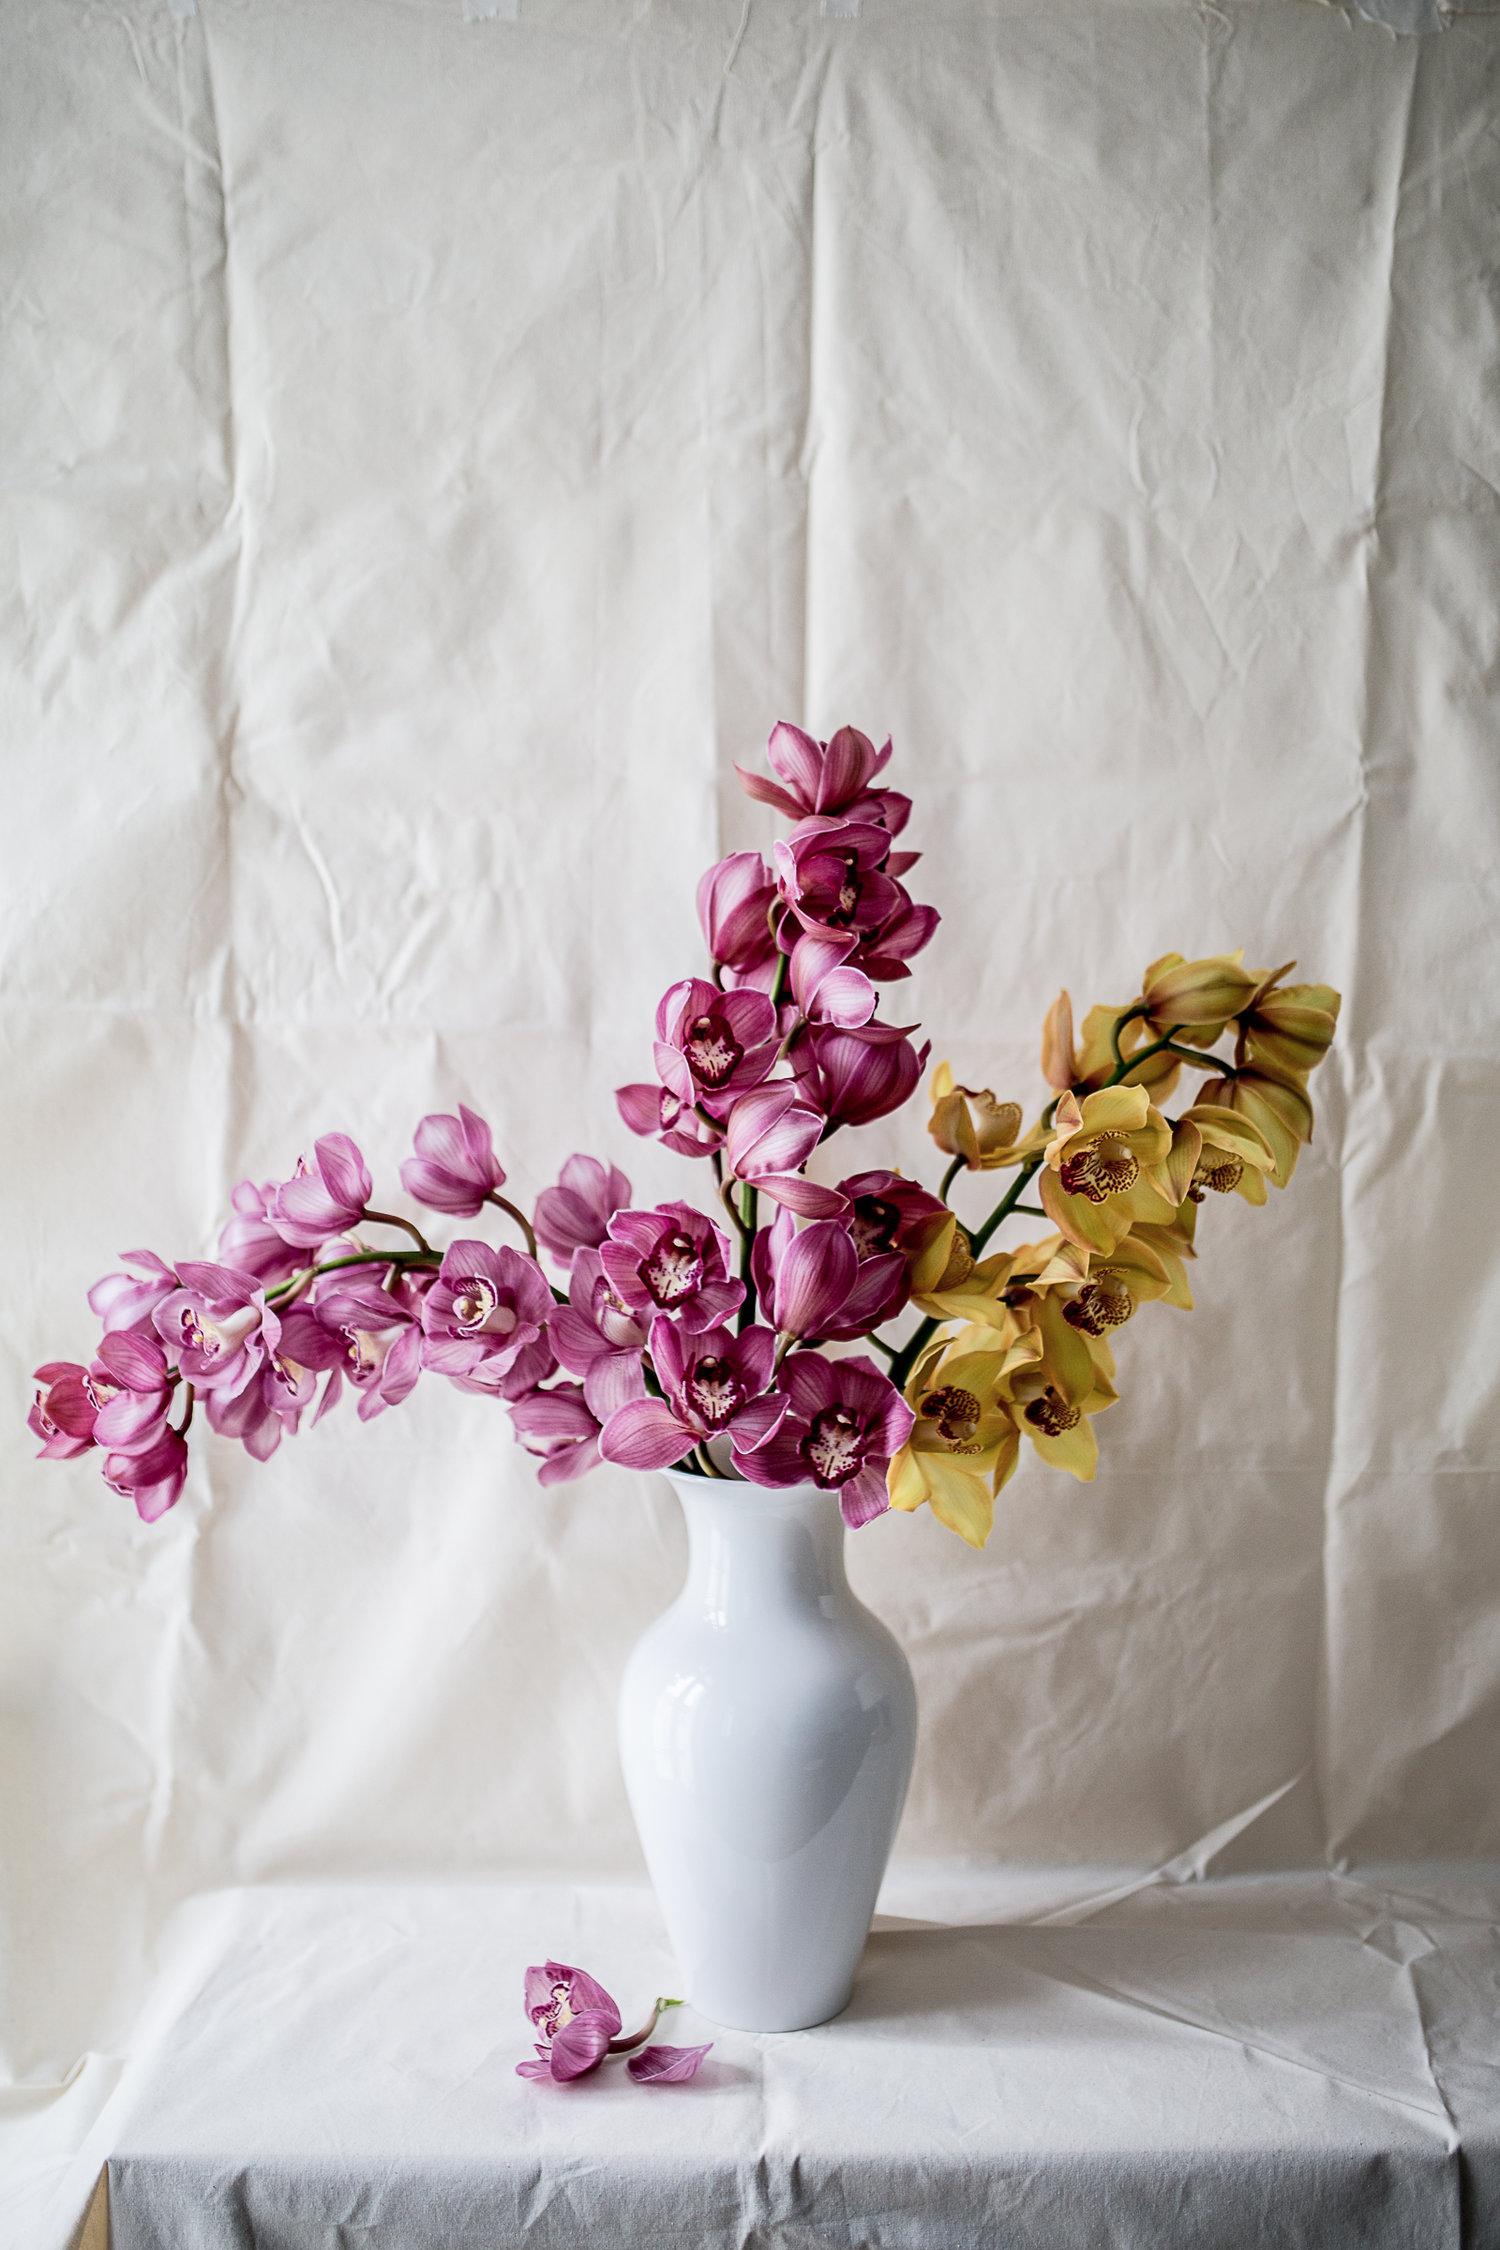 How To Style Unser Vasenguide Mit Kpm Herz Und Blut